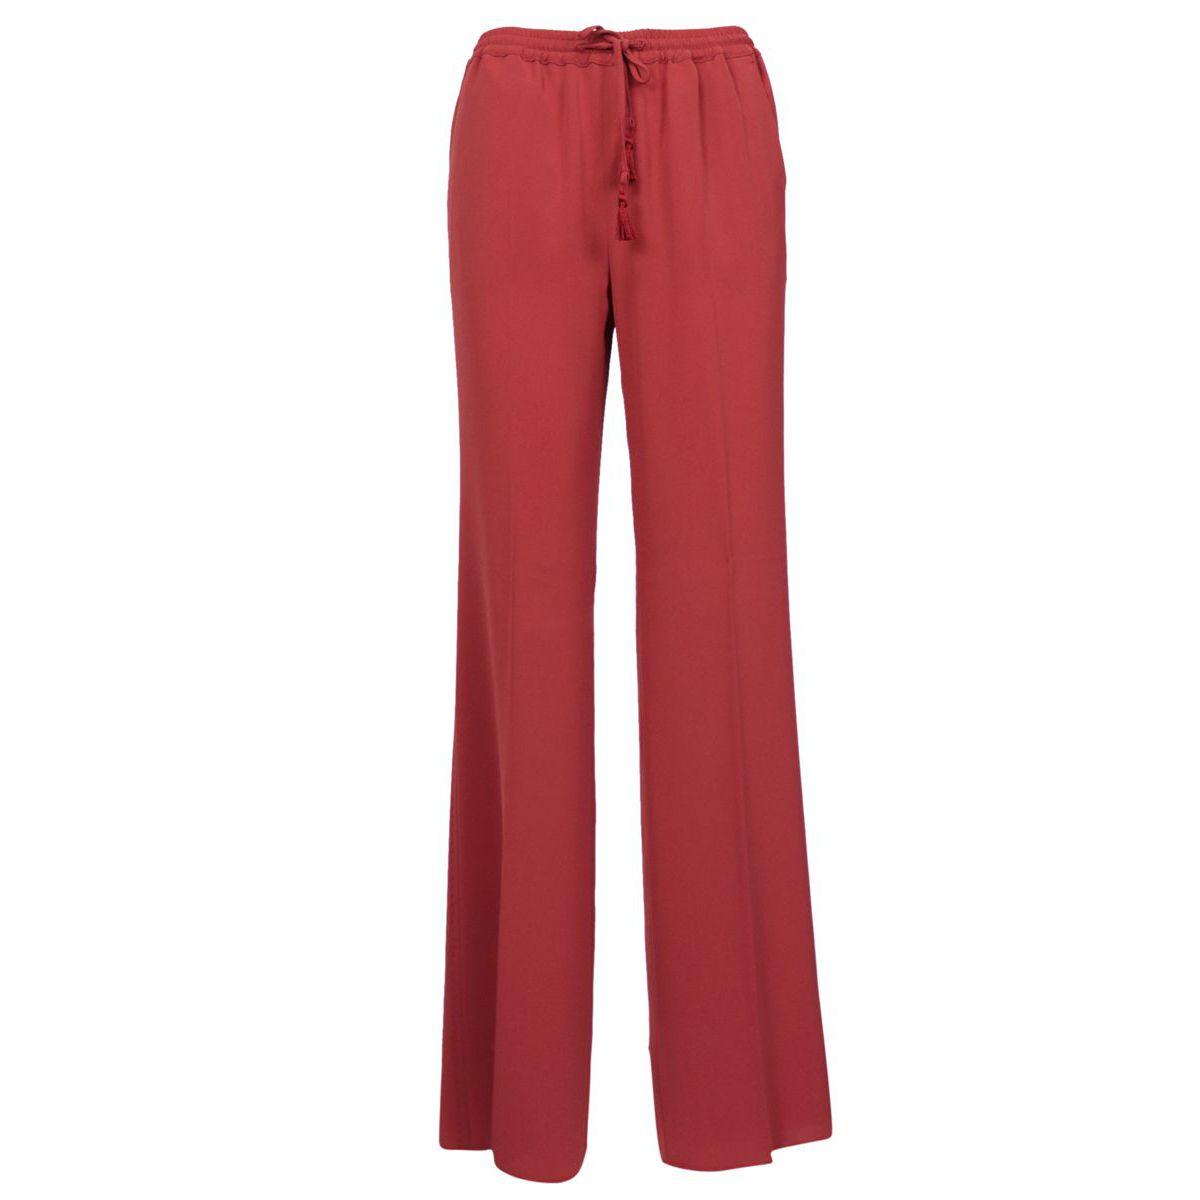 Placido acetate trousers India red MAX MARA STUDIO